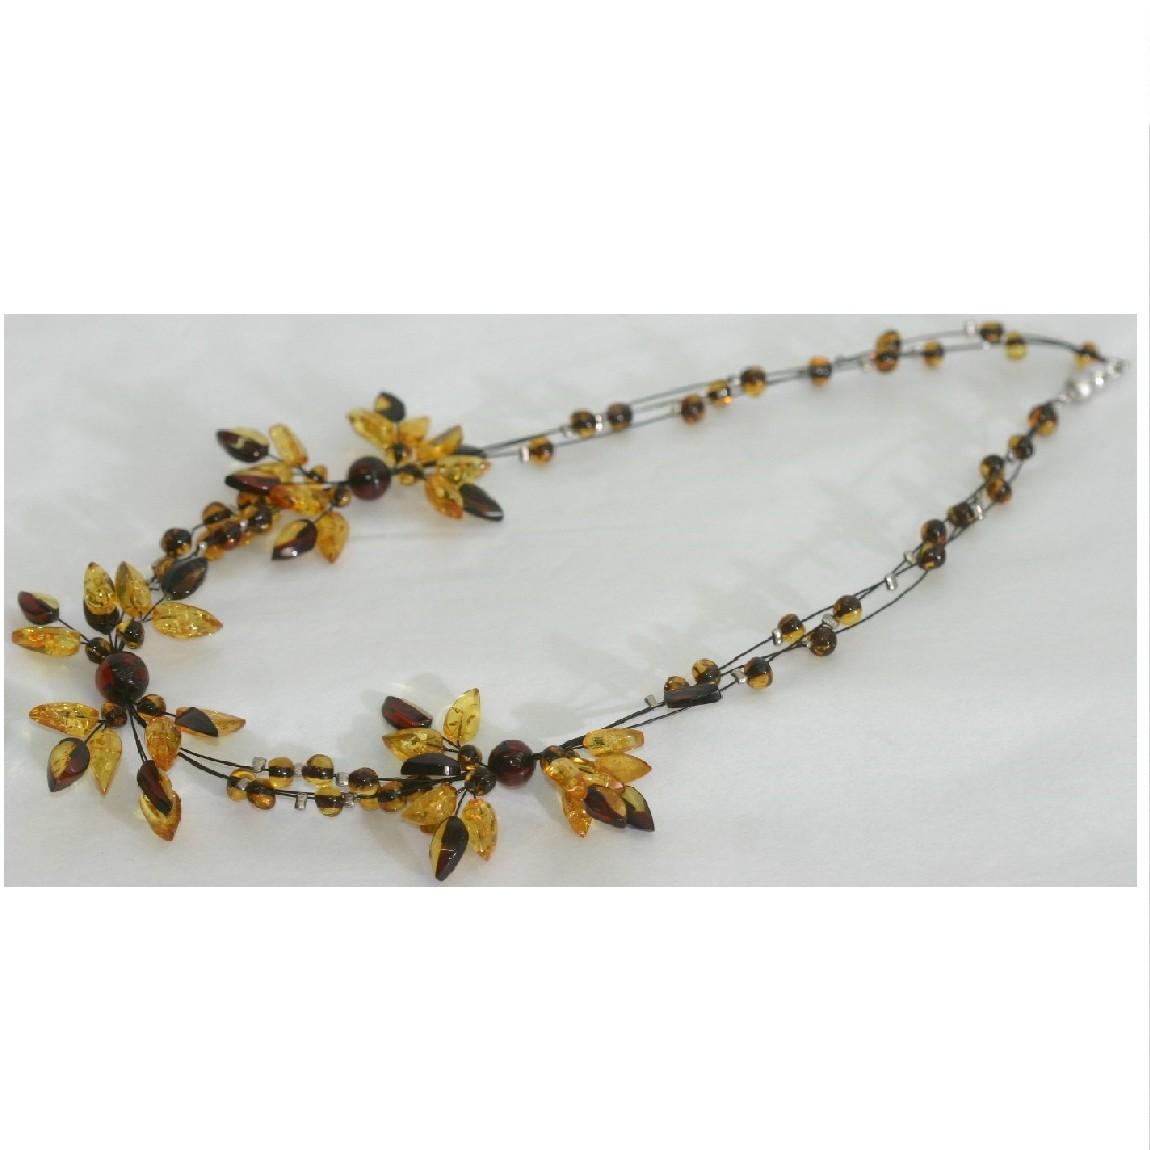 【中古】綺麗女性用濃淡の琥珀素材5つの花びらモチーフトップつきチョーカー長さ44cm ○B12-32